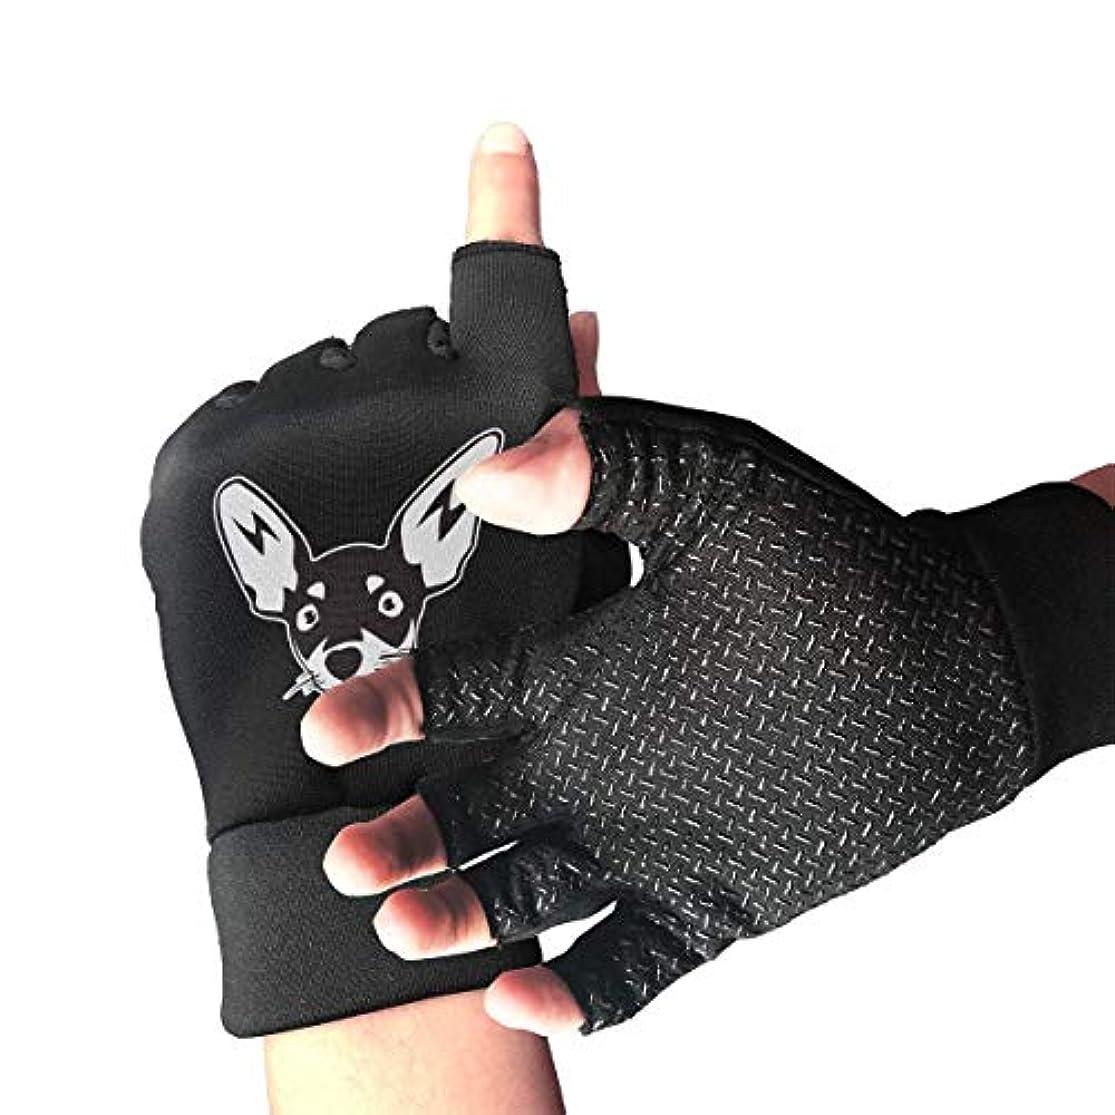 評決カカドゥ放棄する犬の頭指なし/半指手袋自転車用手袋/サイクリングマウンテン手袋/滑り止め衝撃吸収通気性メンズ/レディース手袋付きオートバイ手袋